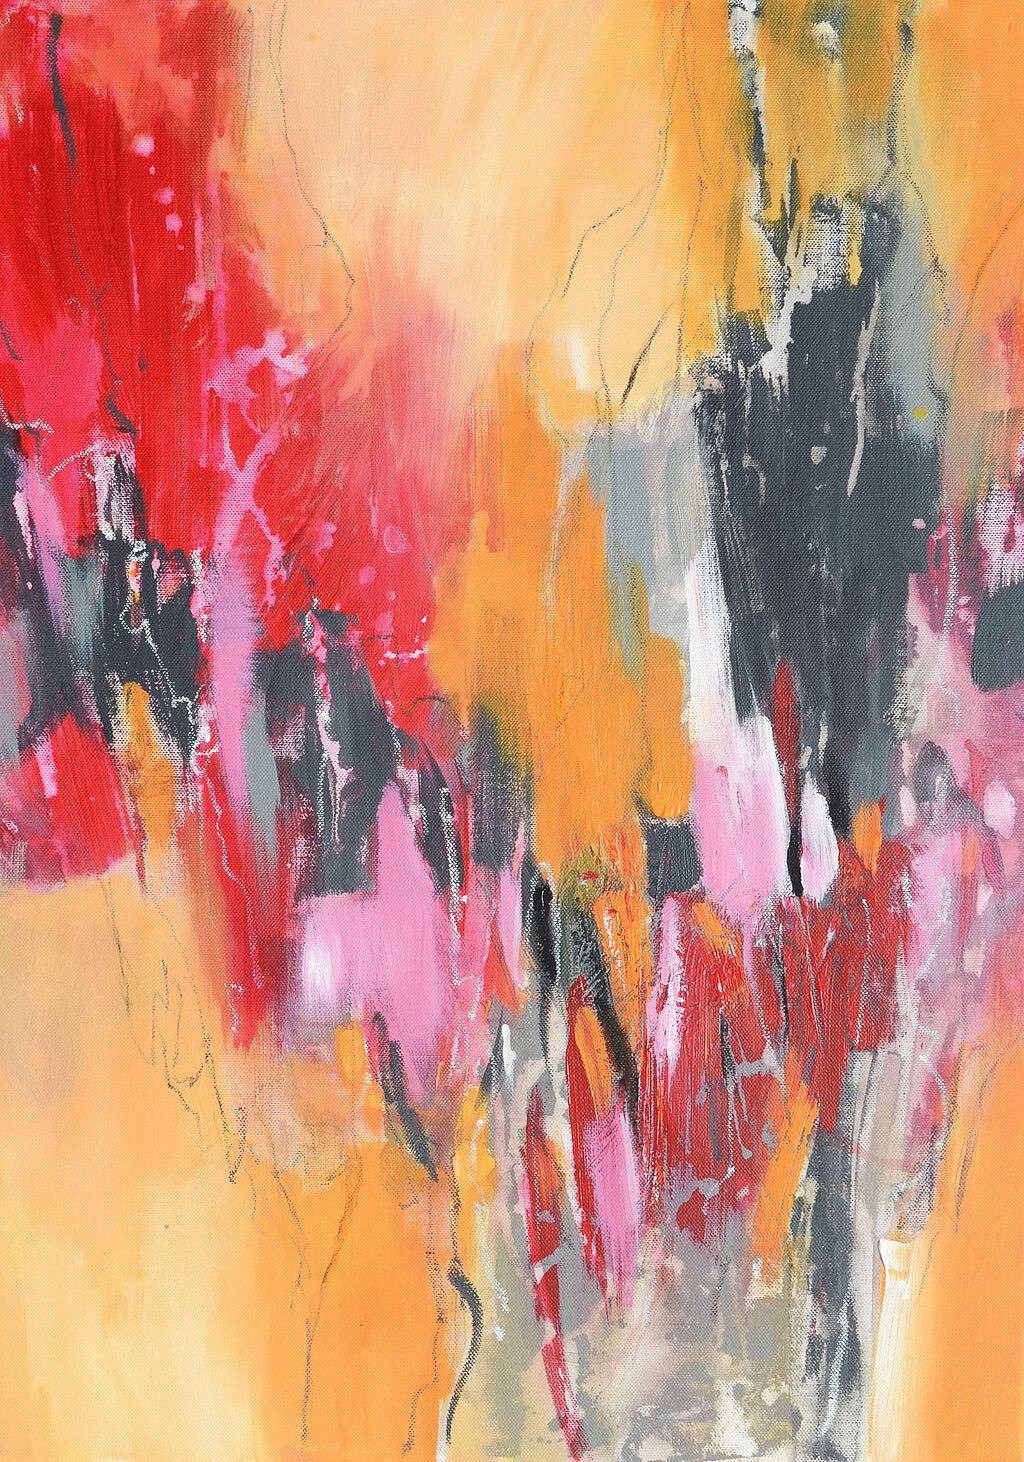 malenzeichnen lernen » malen lernen acrylmalerei